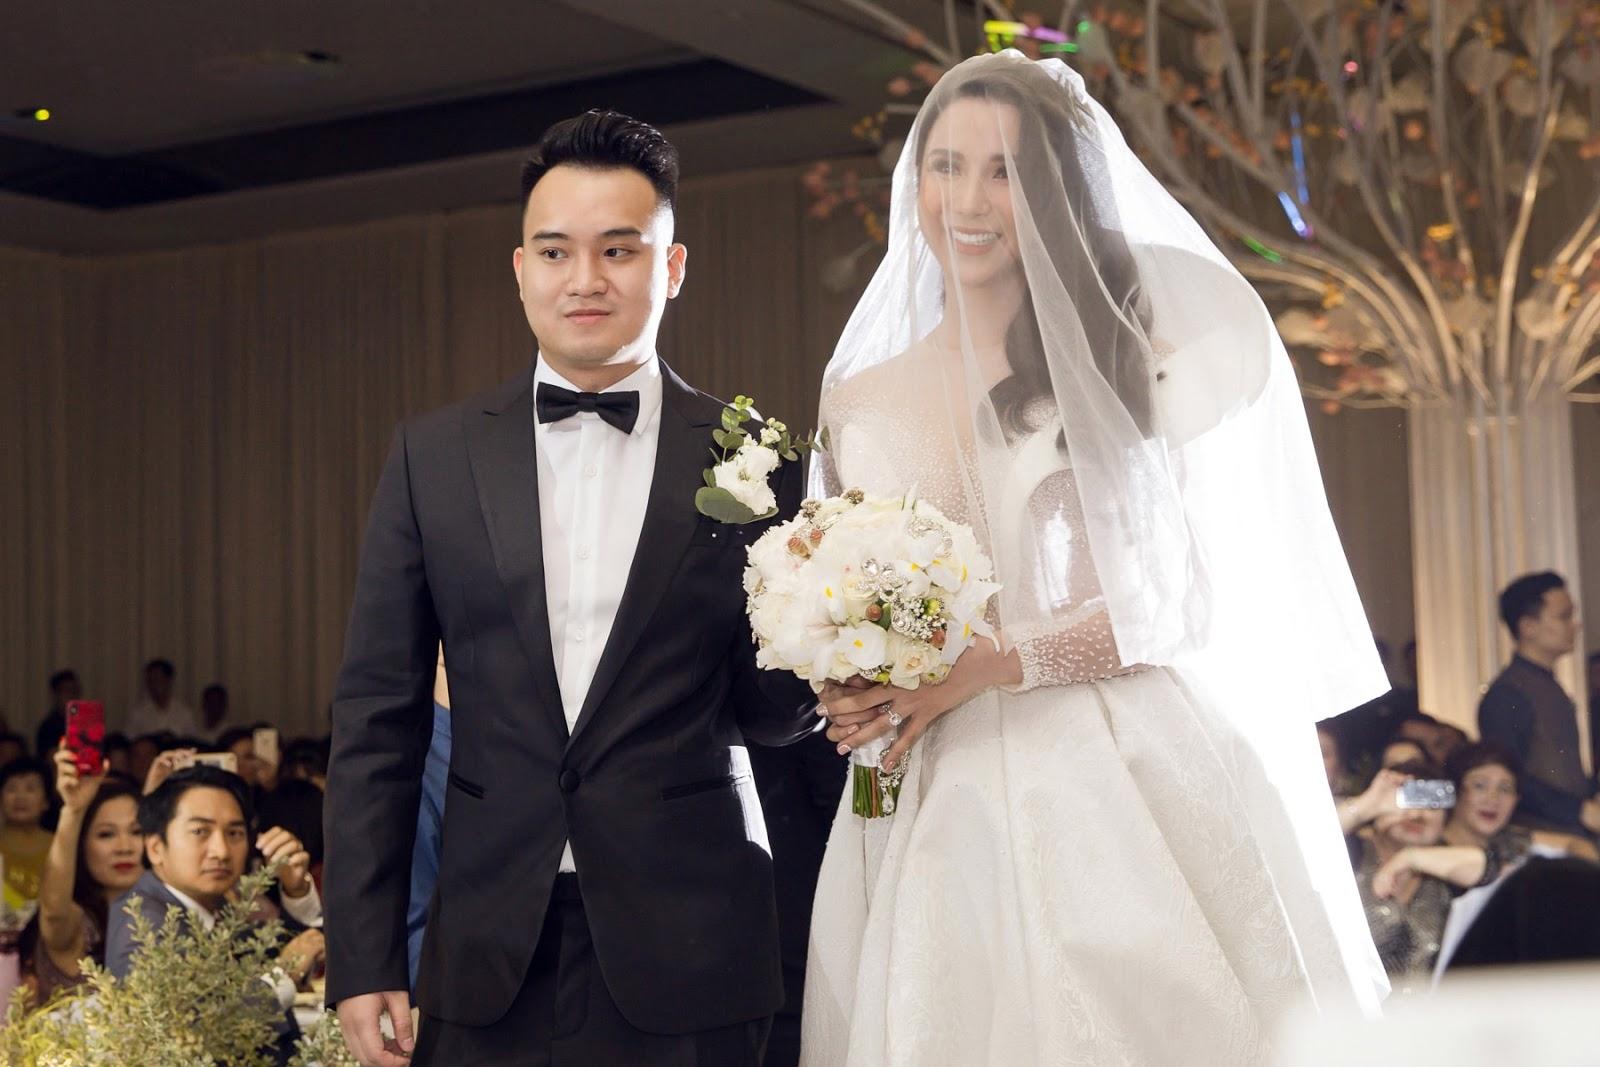 Diệp Lâm Anh: Hành trình tìm chỗ đứng trong showbiz và cái kết viên mãn với chồng thiếu gia -18